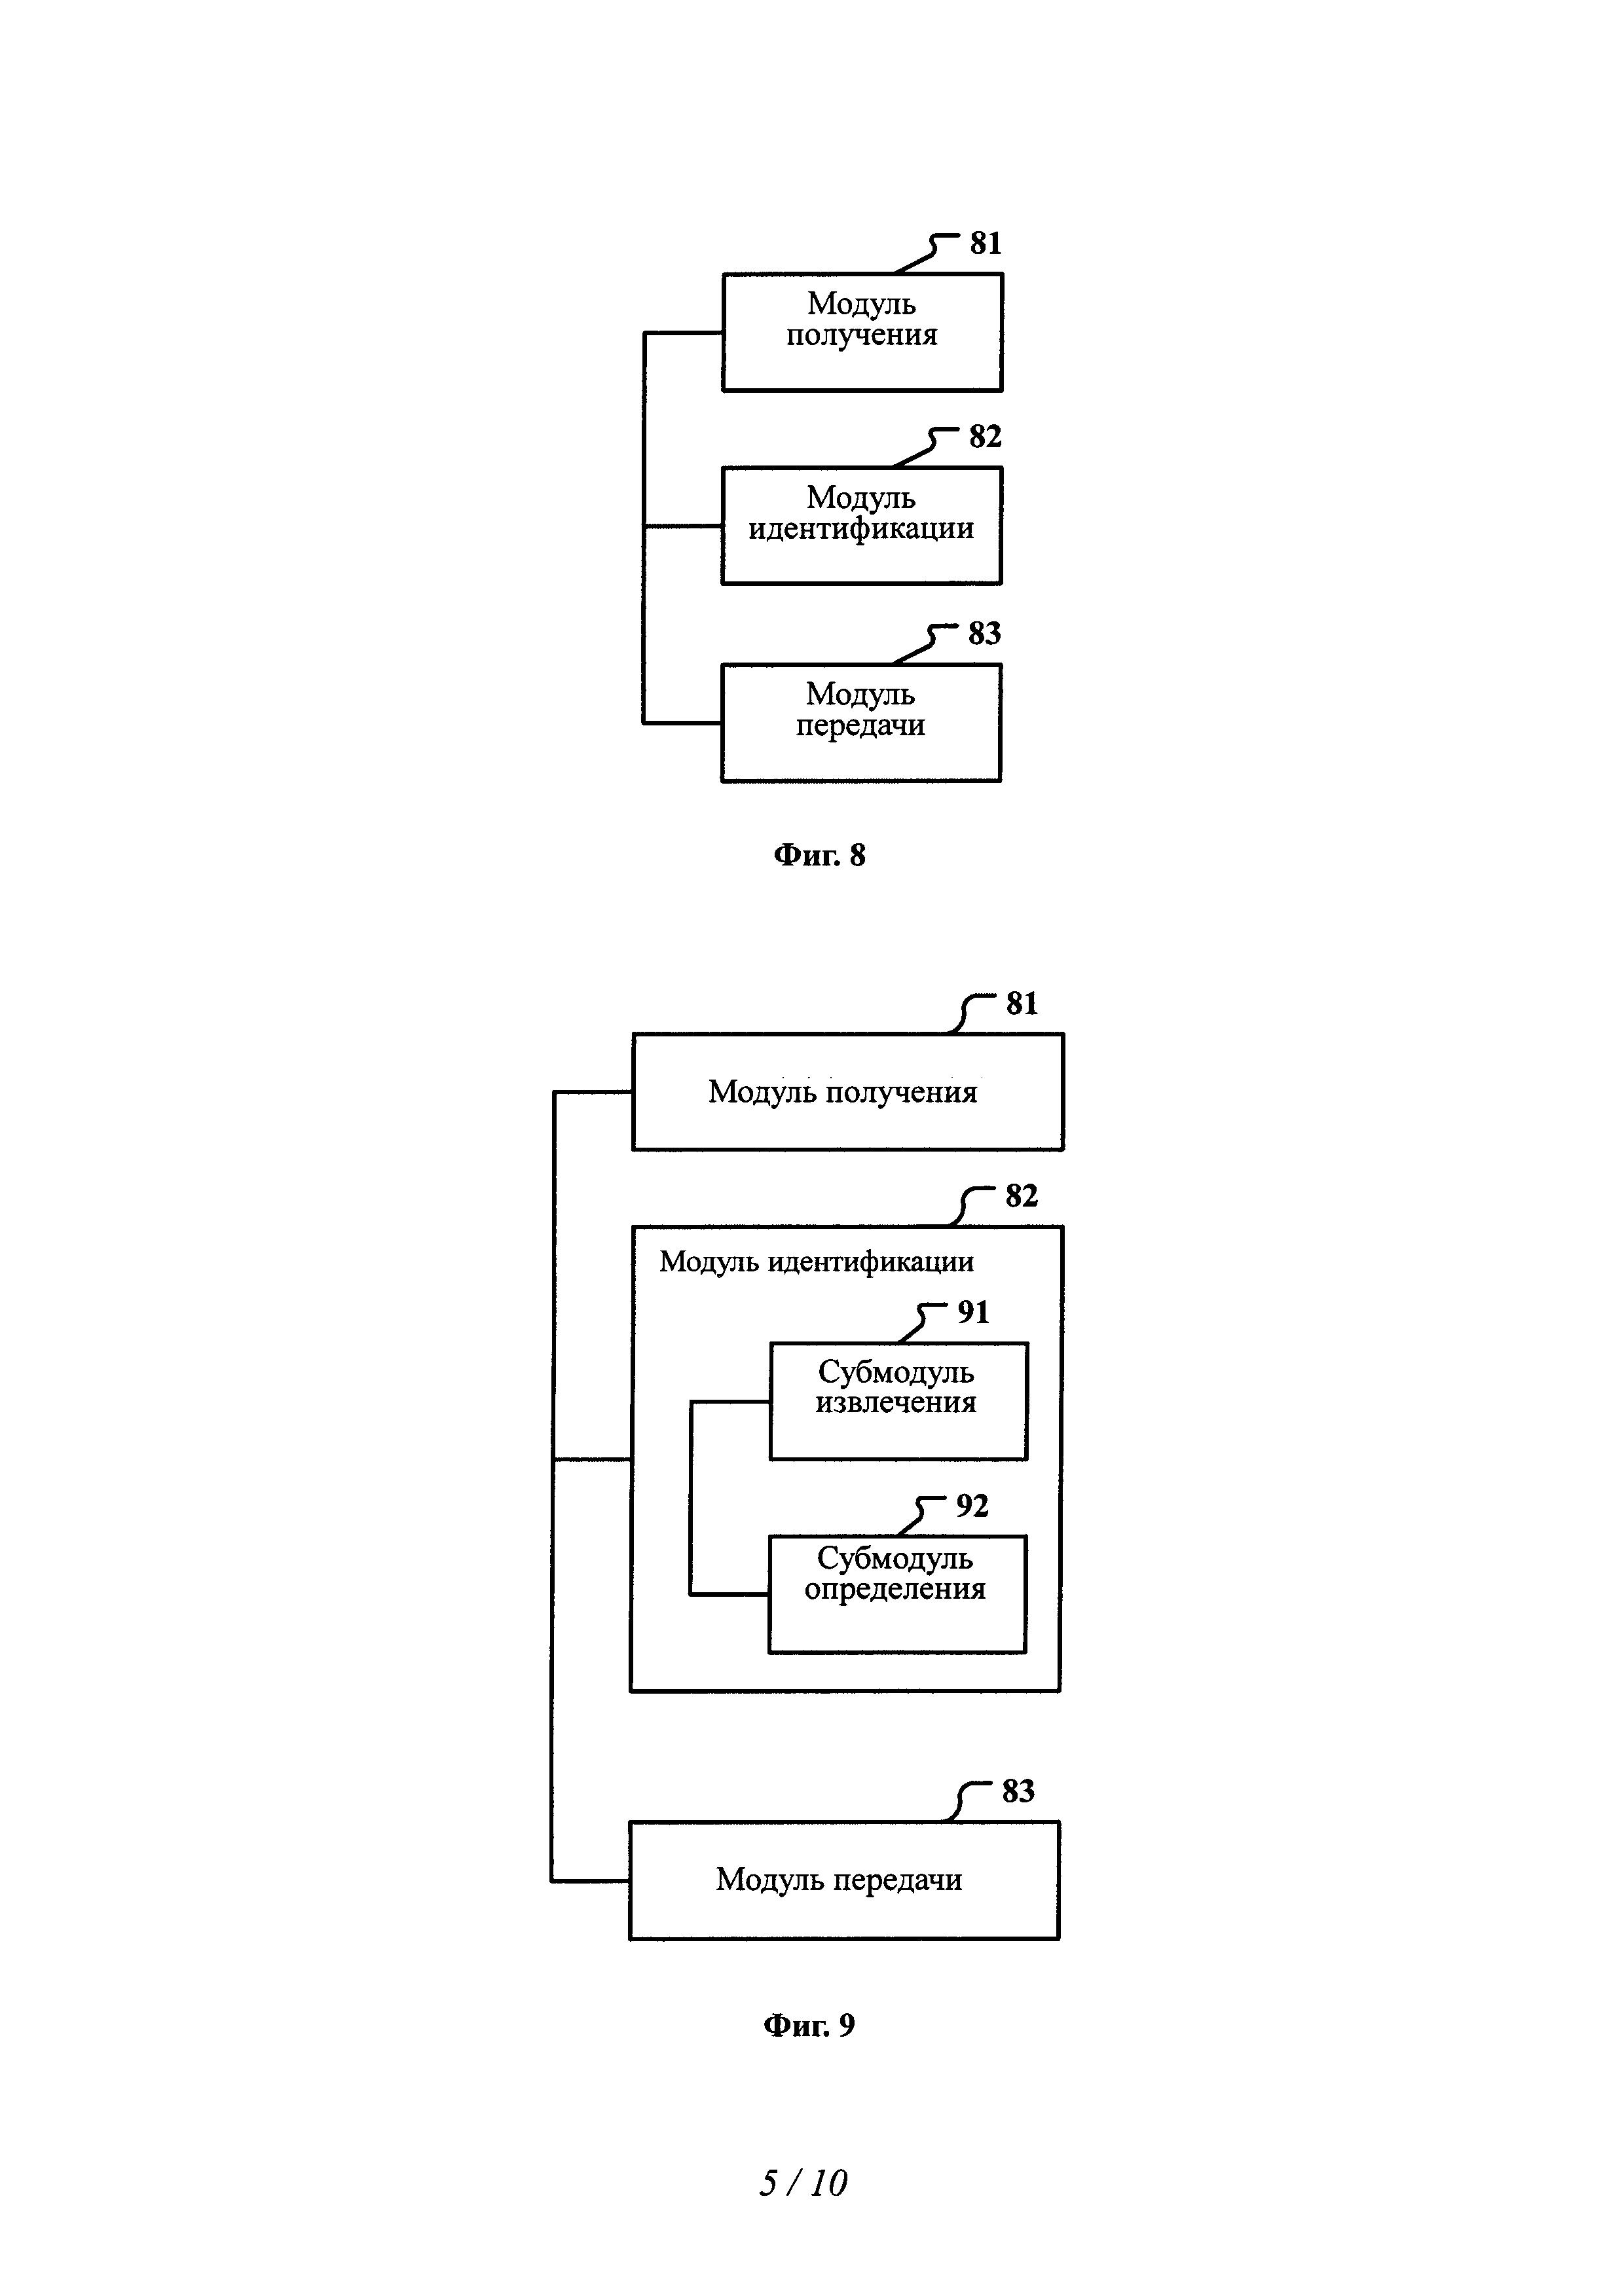 Способ и устройство для запроса информации